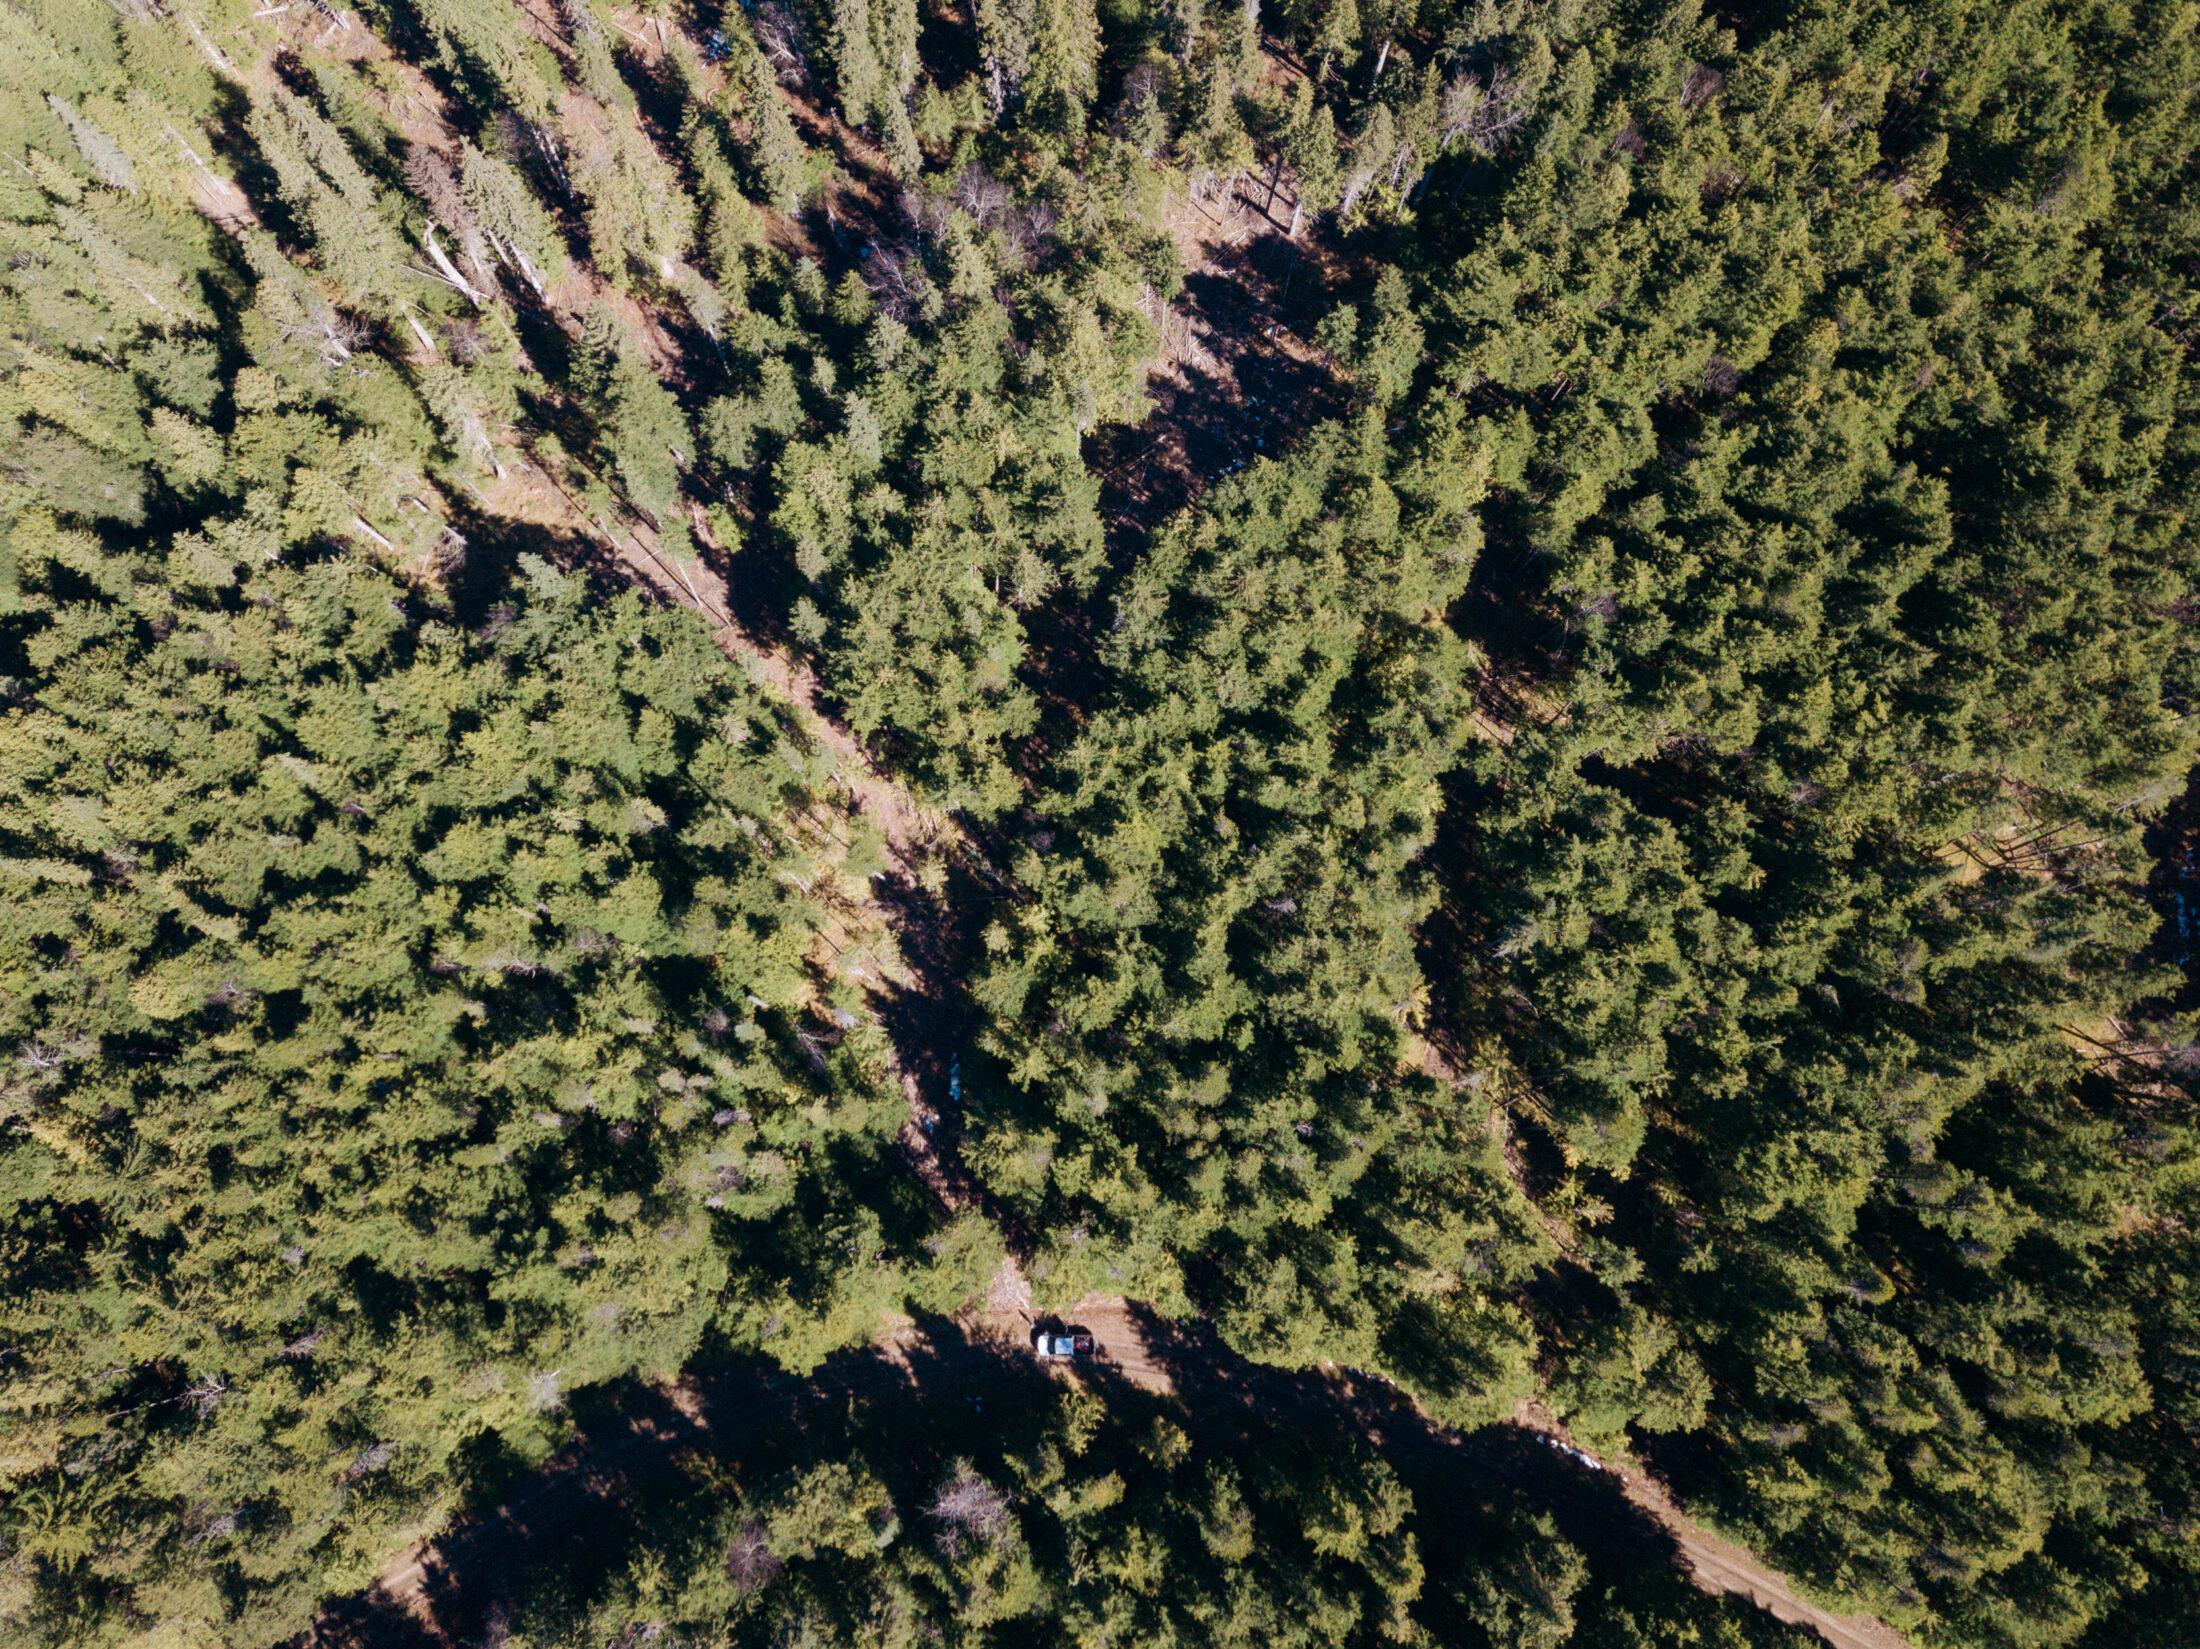 Kispiox valley selective logging